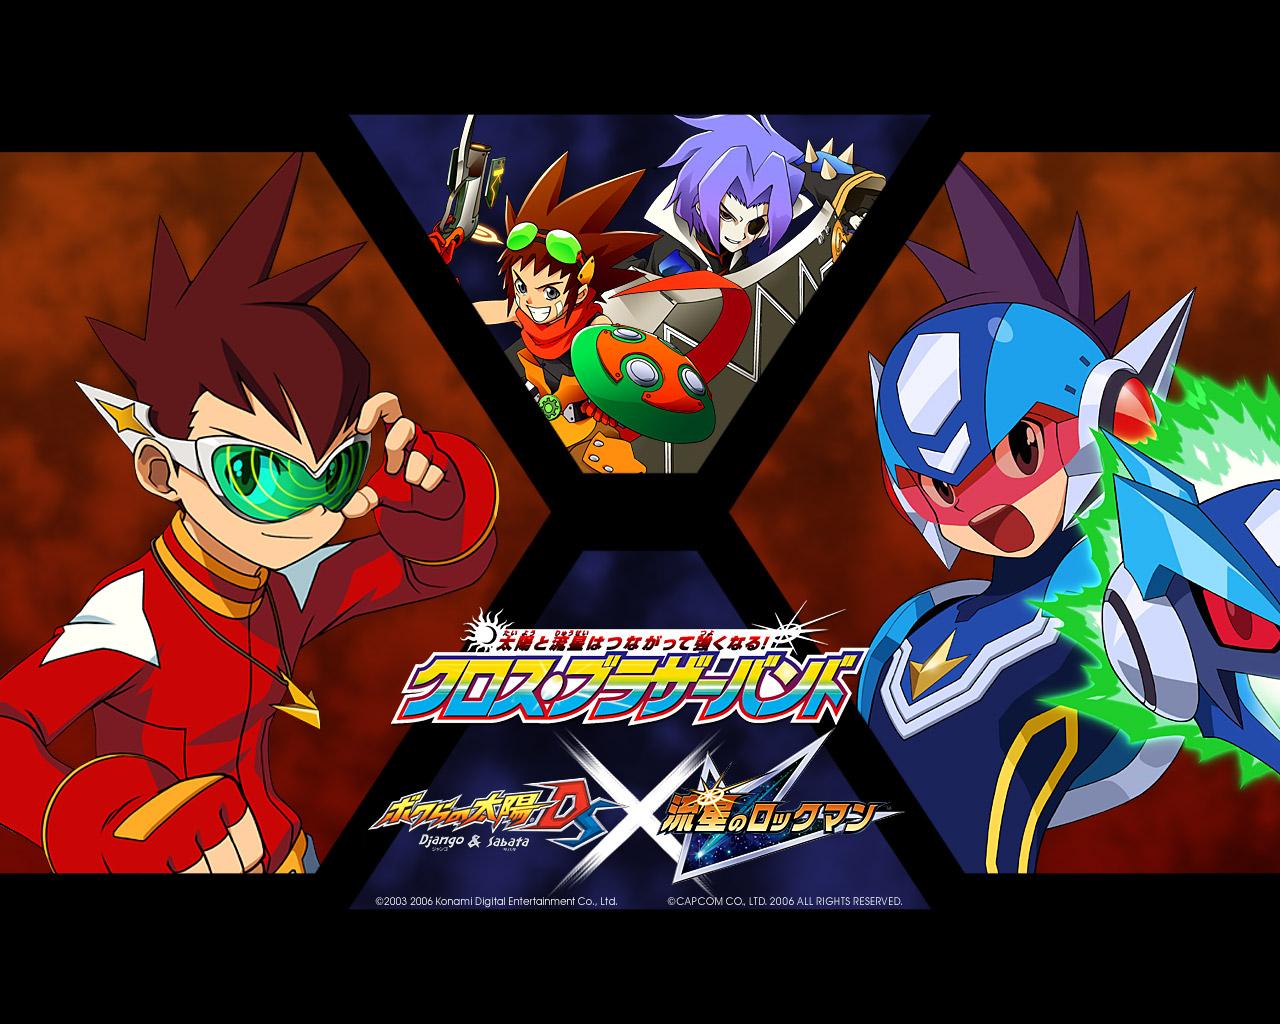 Wallpapers Mega Man Star Force: Pegasus